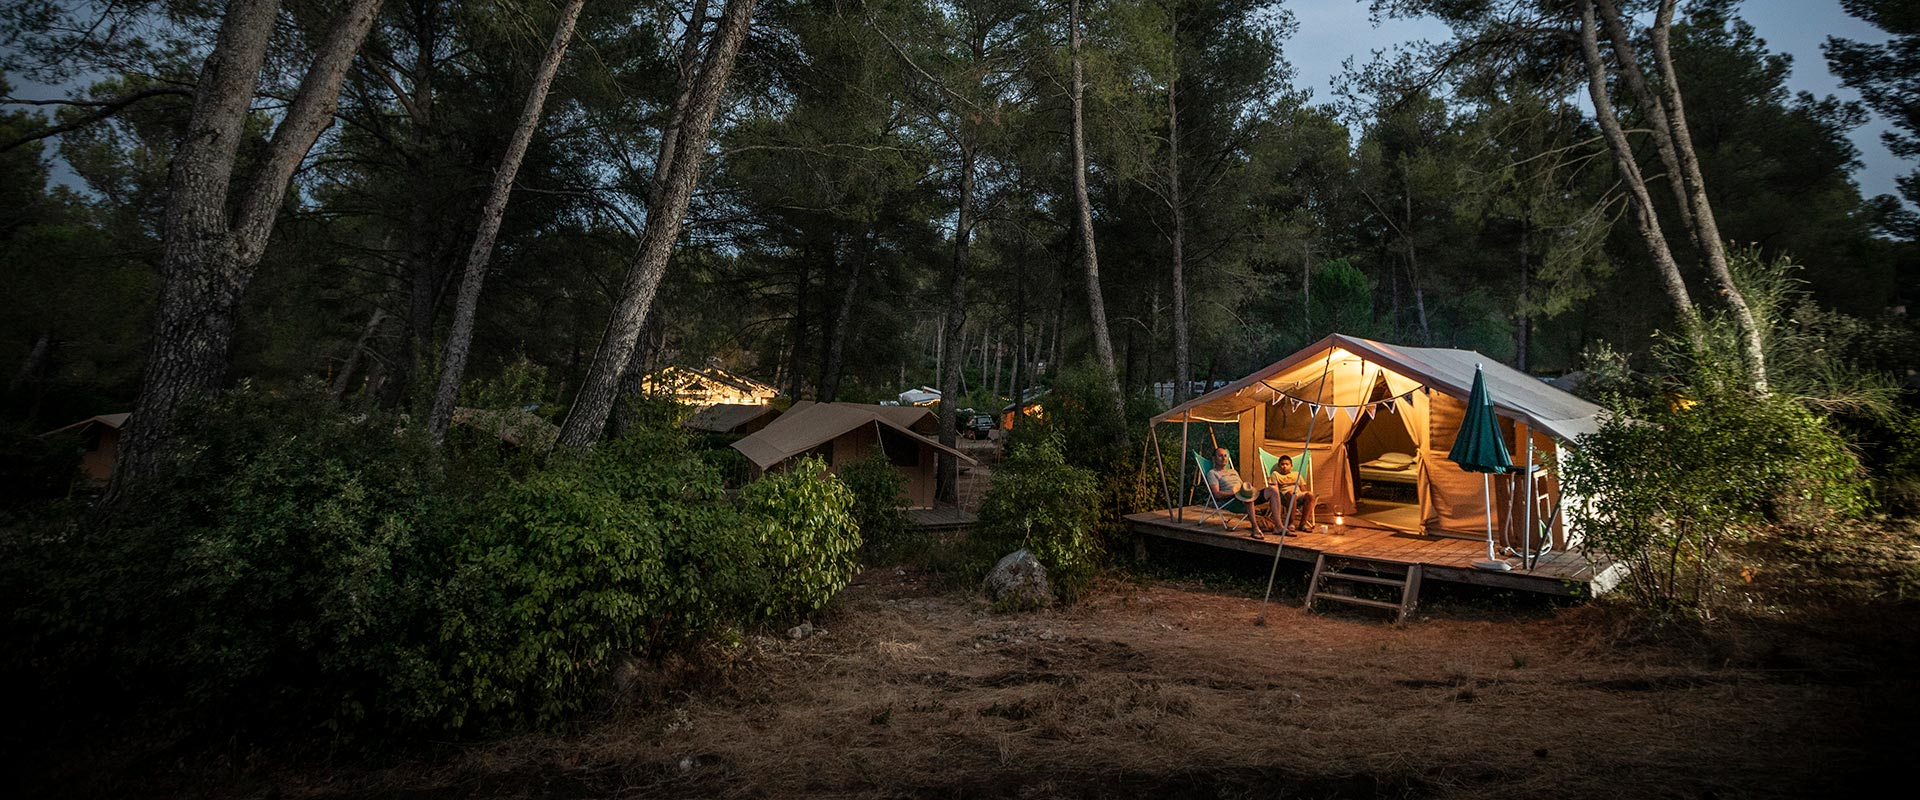 Camping Fontvieille mein-PLATZ